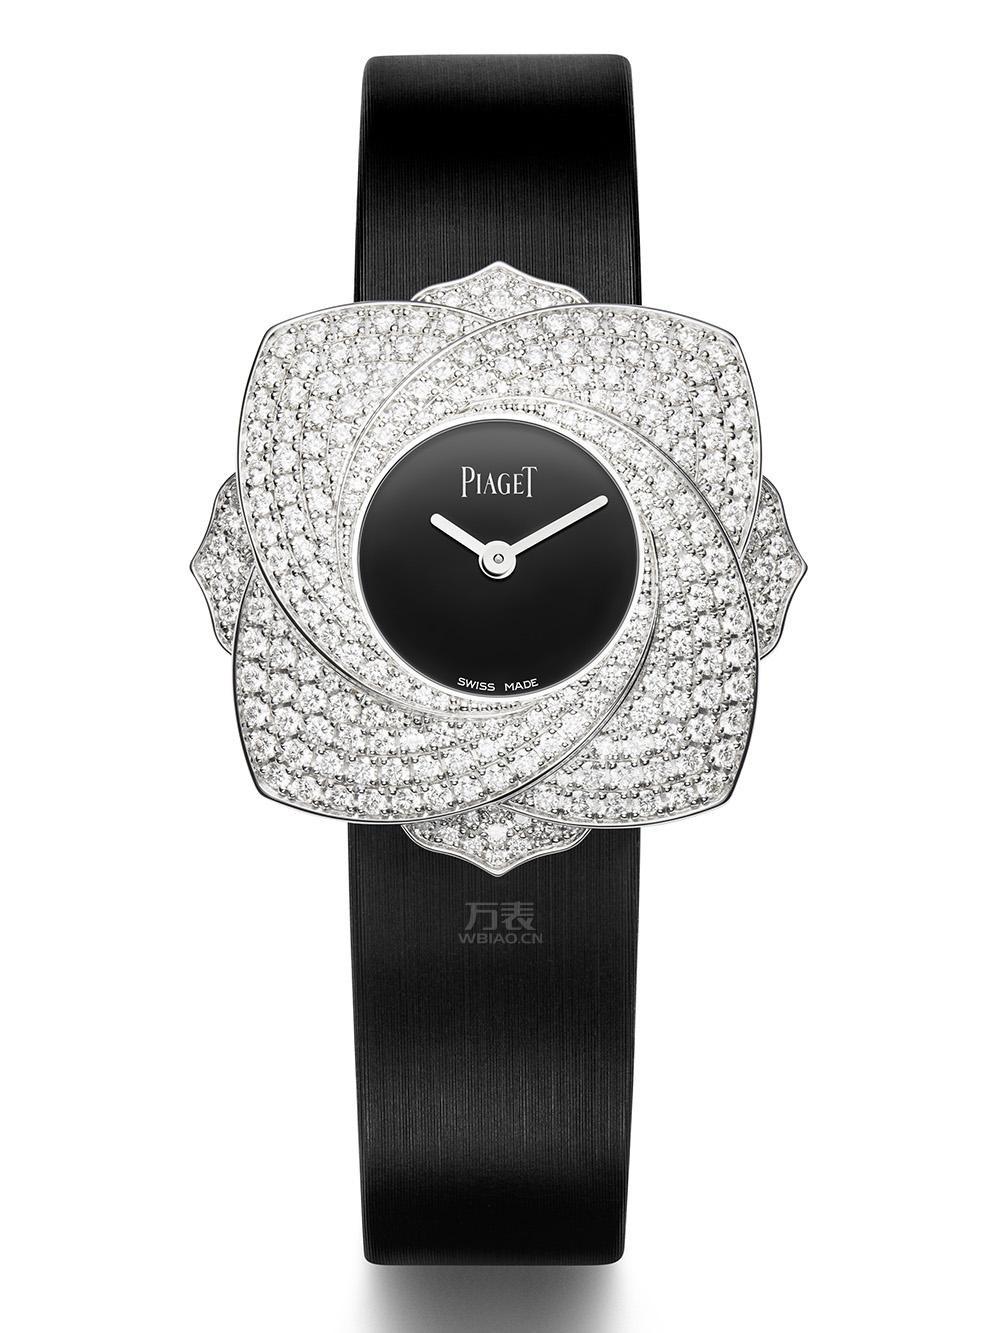 伯爵手表图片,伯爵玫瑰腕表高贵与优雅同在